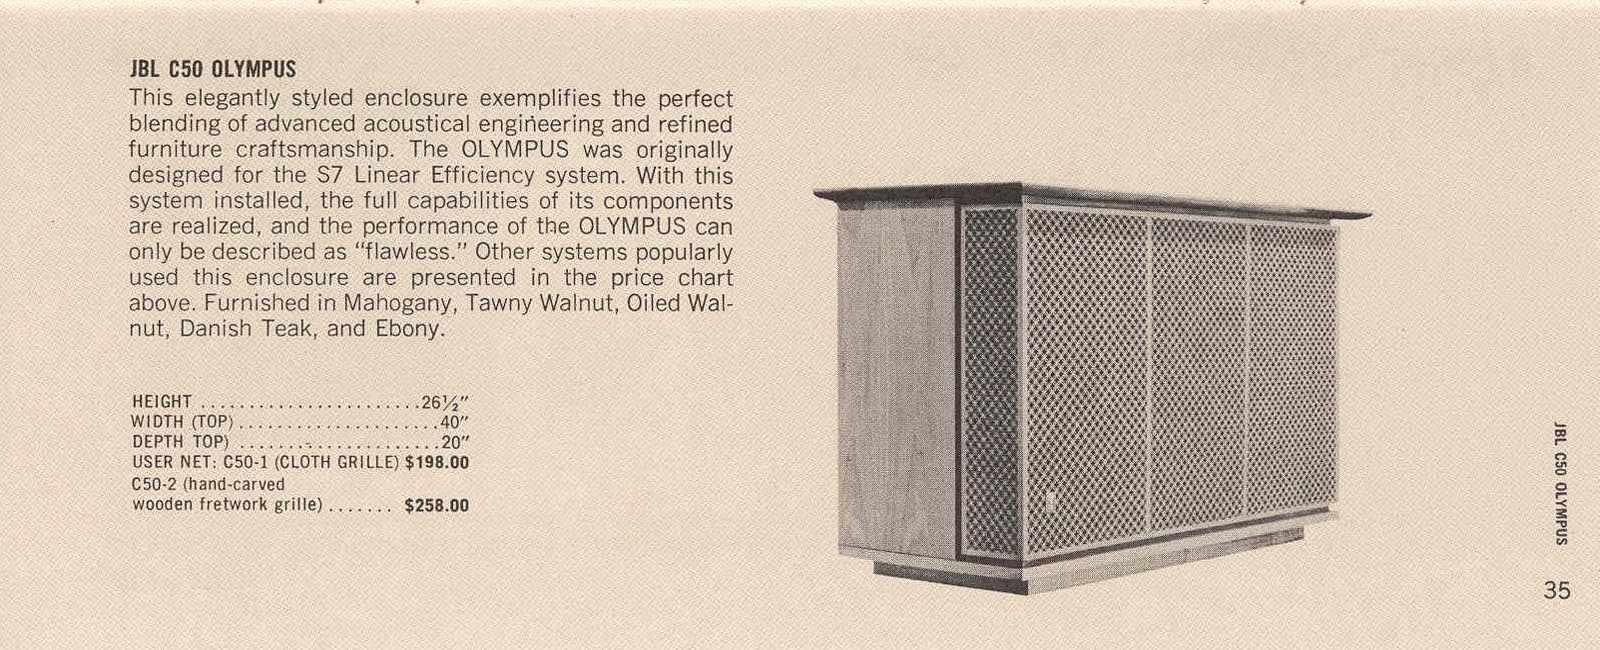 ORIGINAL INCONNU années 60 en 2 voies (38cm + compression) Page37